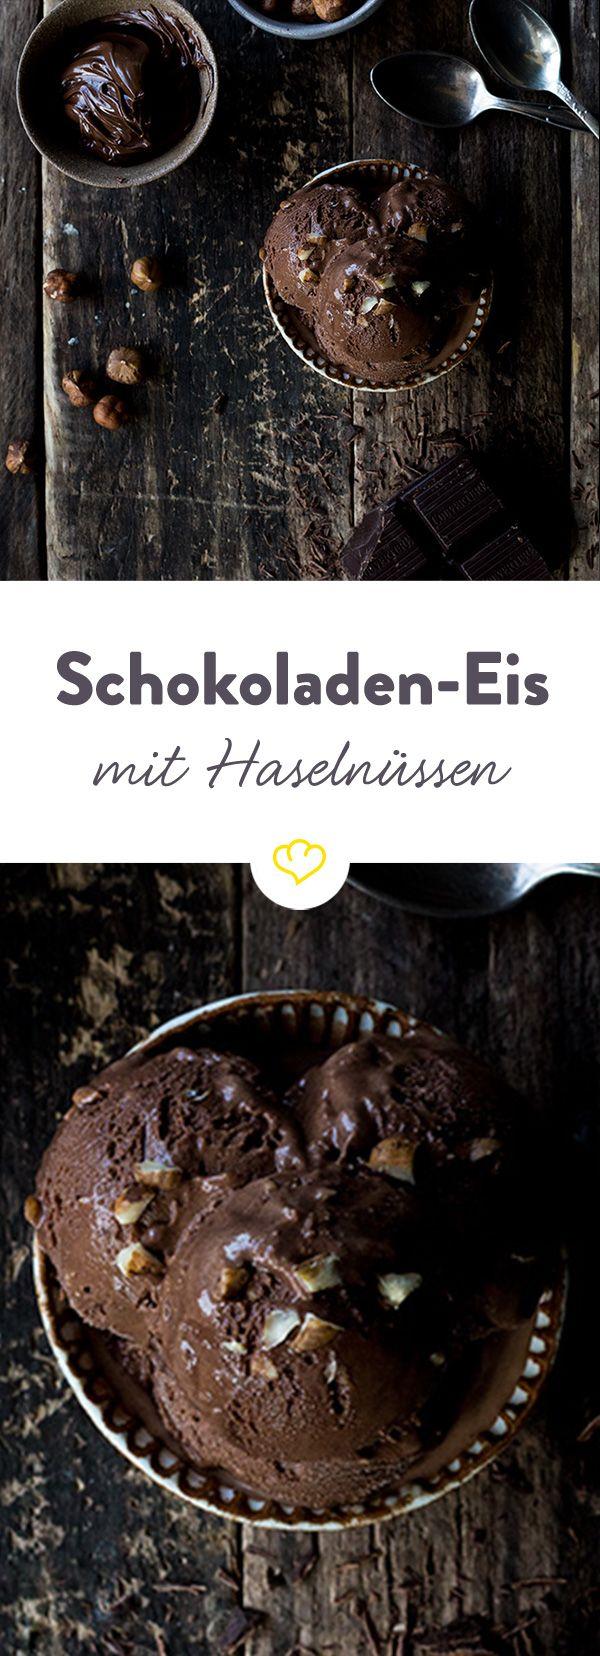 Eine Kugel Eis, bitte. Und zwar Schokolade - zusammen mit Nutella und Haselnüssen so viel besser als der langweilige Klassiker.